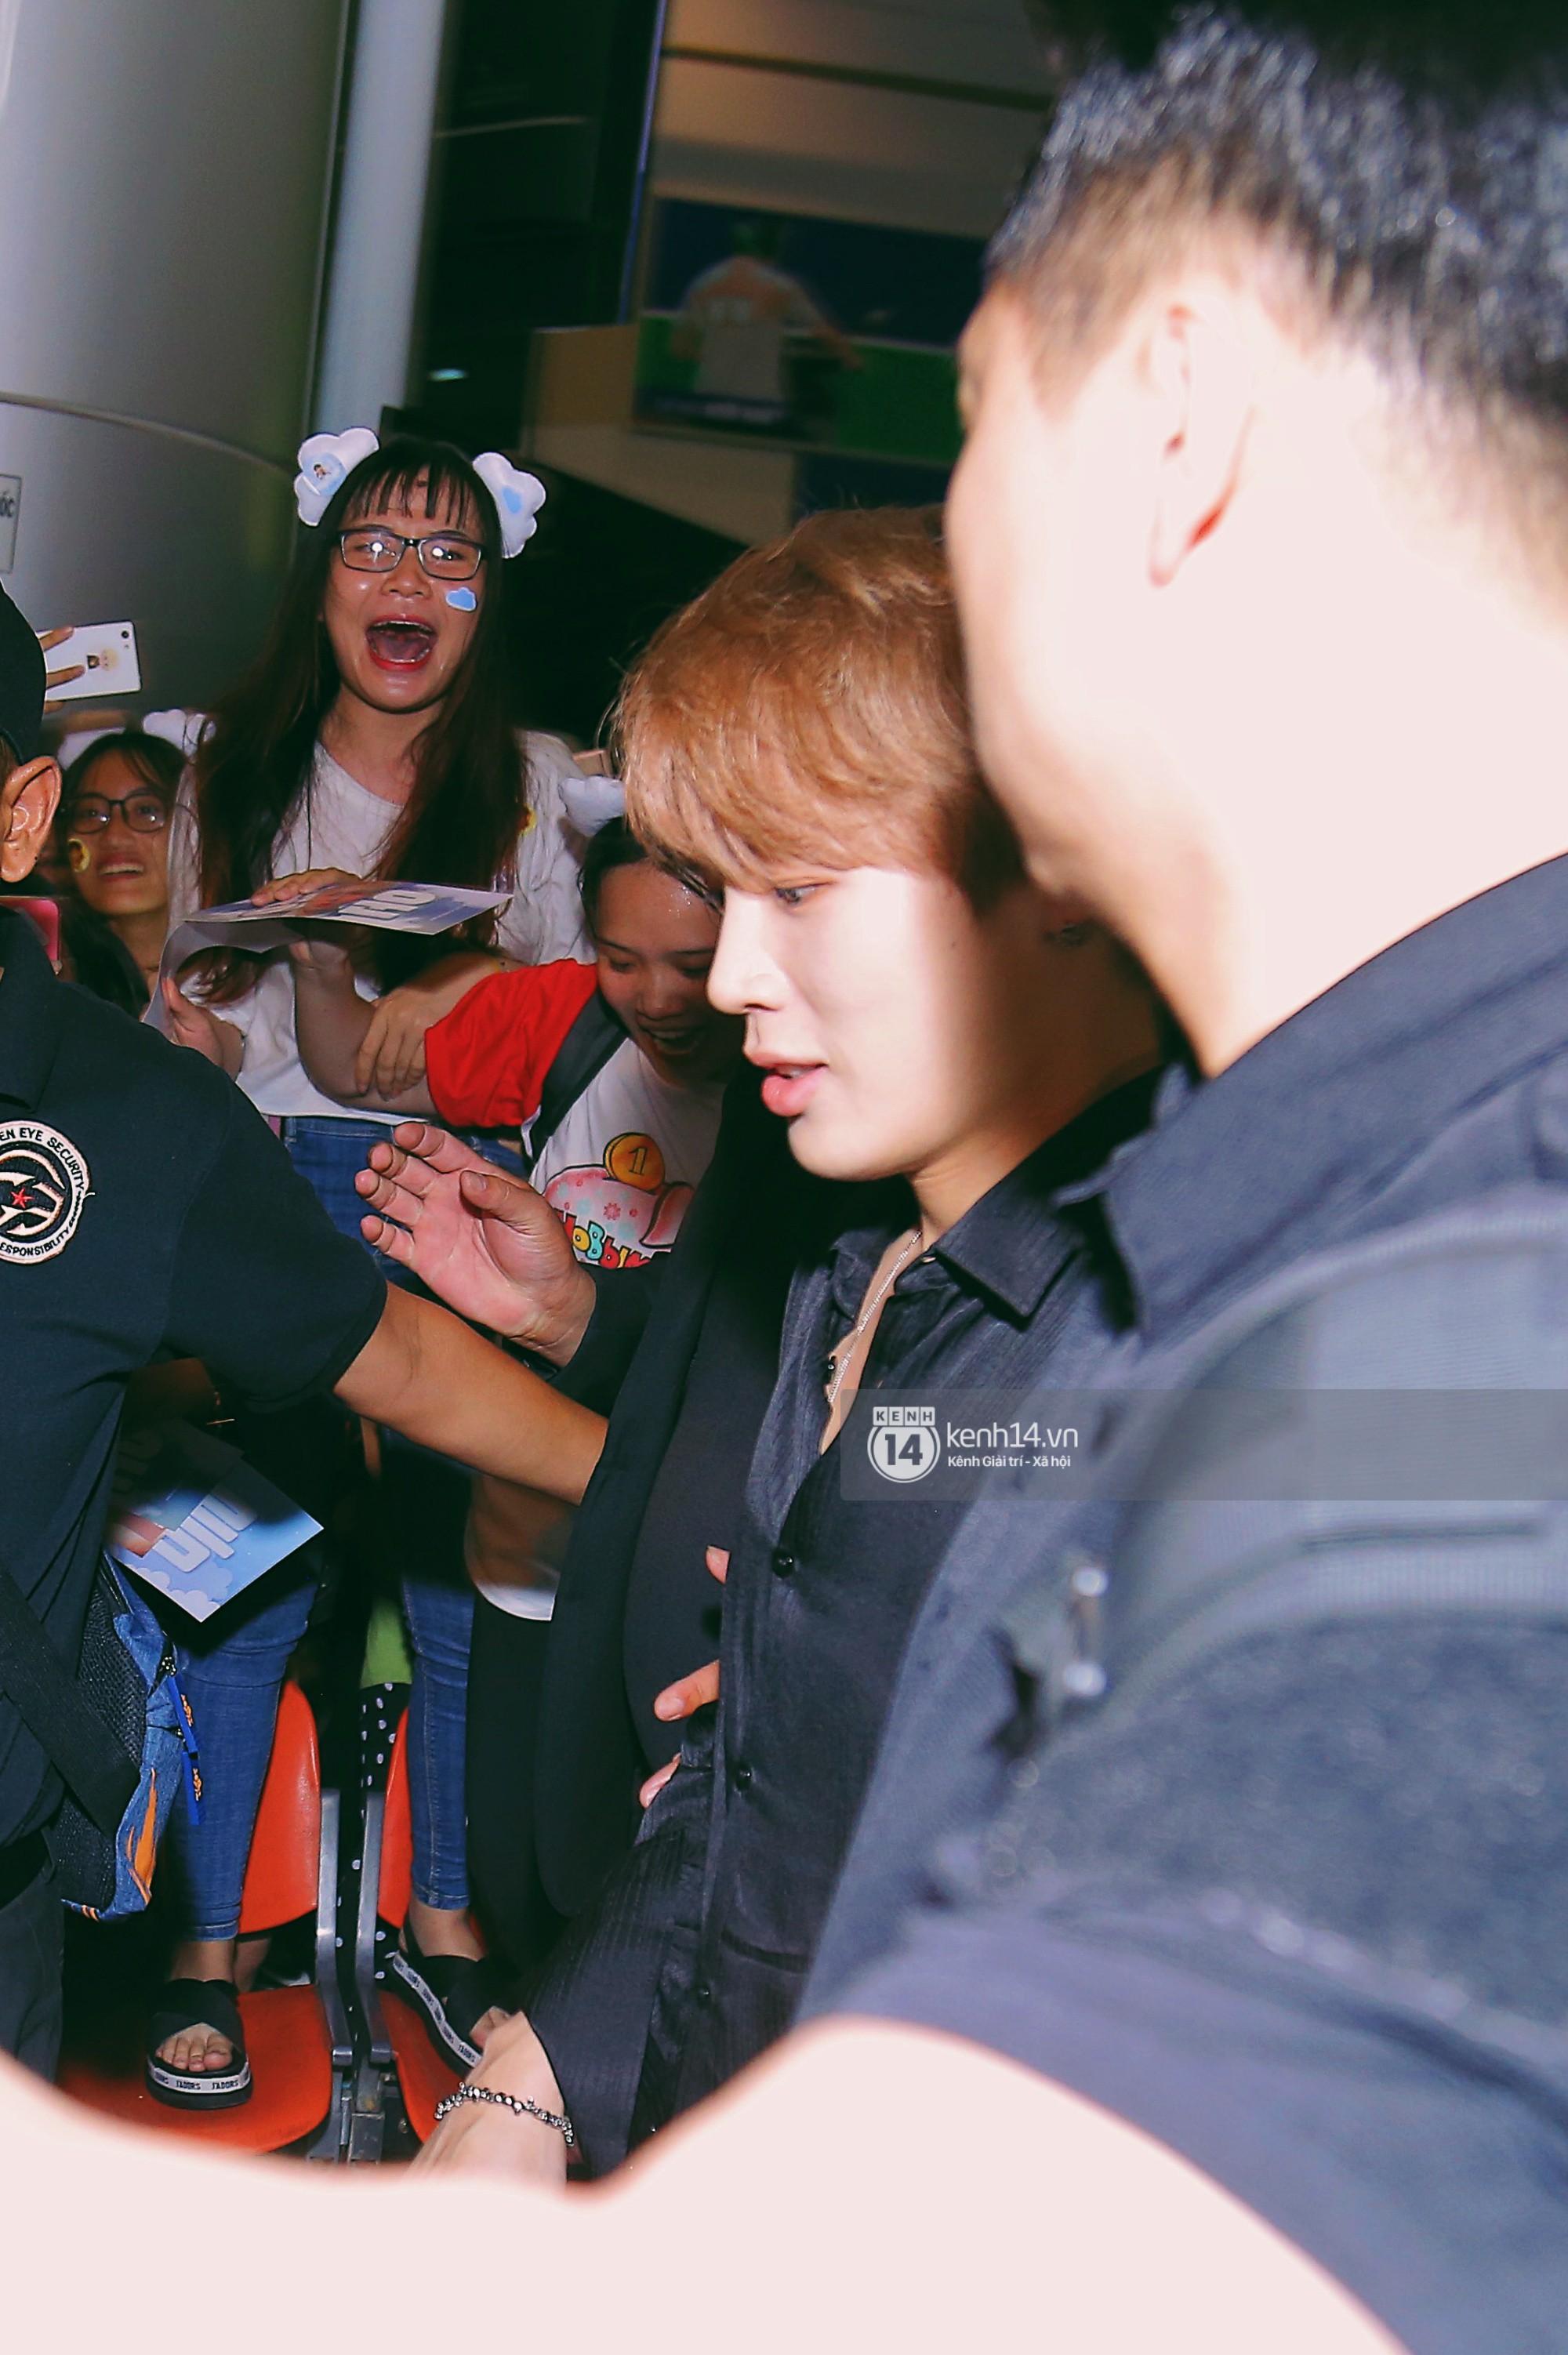 Dàn idol Kpop khiến sân bay Tân Sơn Nhất nổ tung giữa đêm: Mỹ nam Wanna One trắng bật tông, KARD há hốc vì biển fan - Ảnh 7.